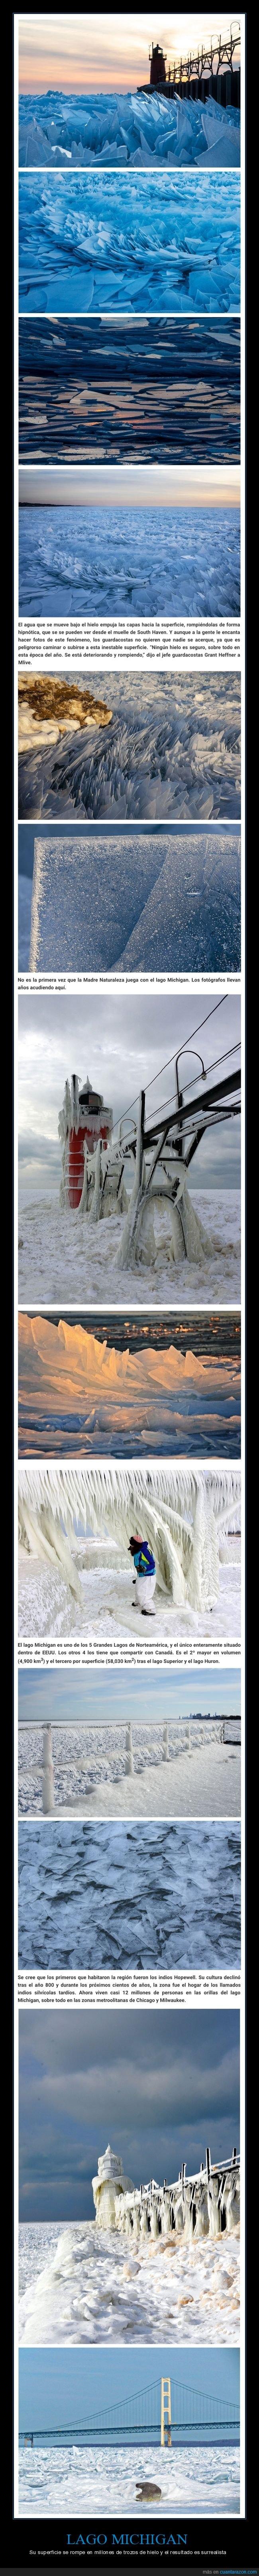 hielo,lago michigan,superficie,surrealista